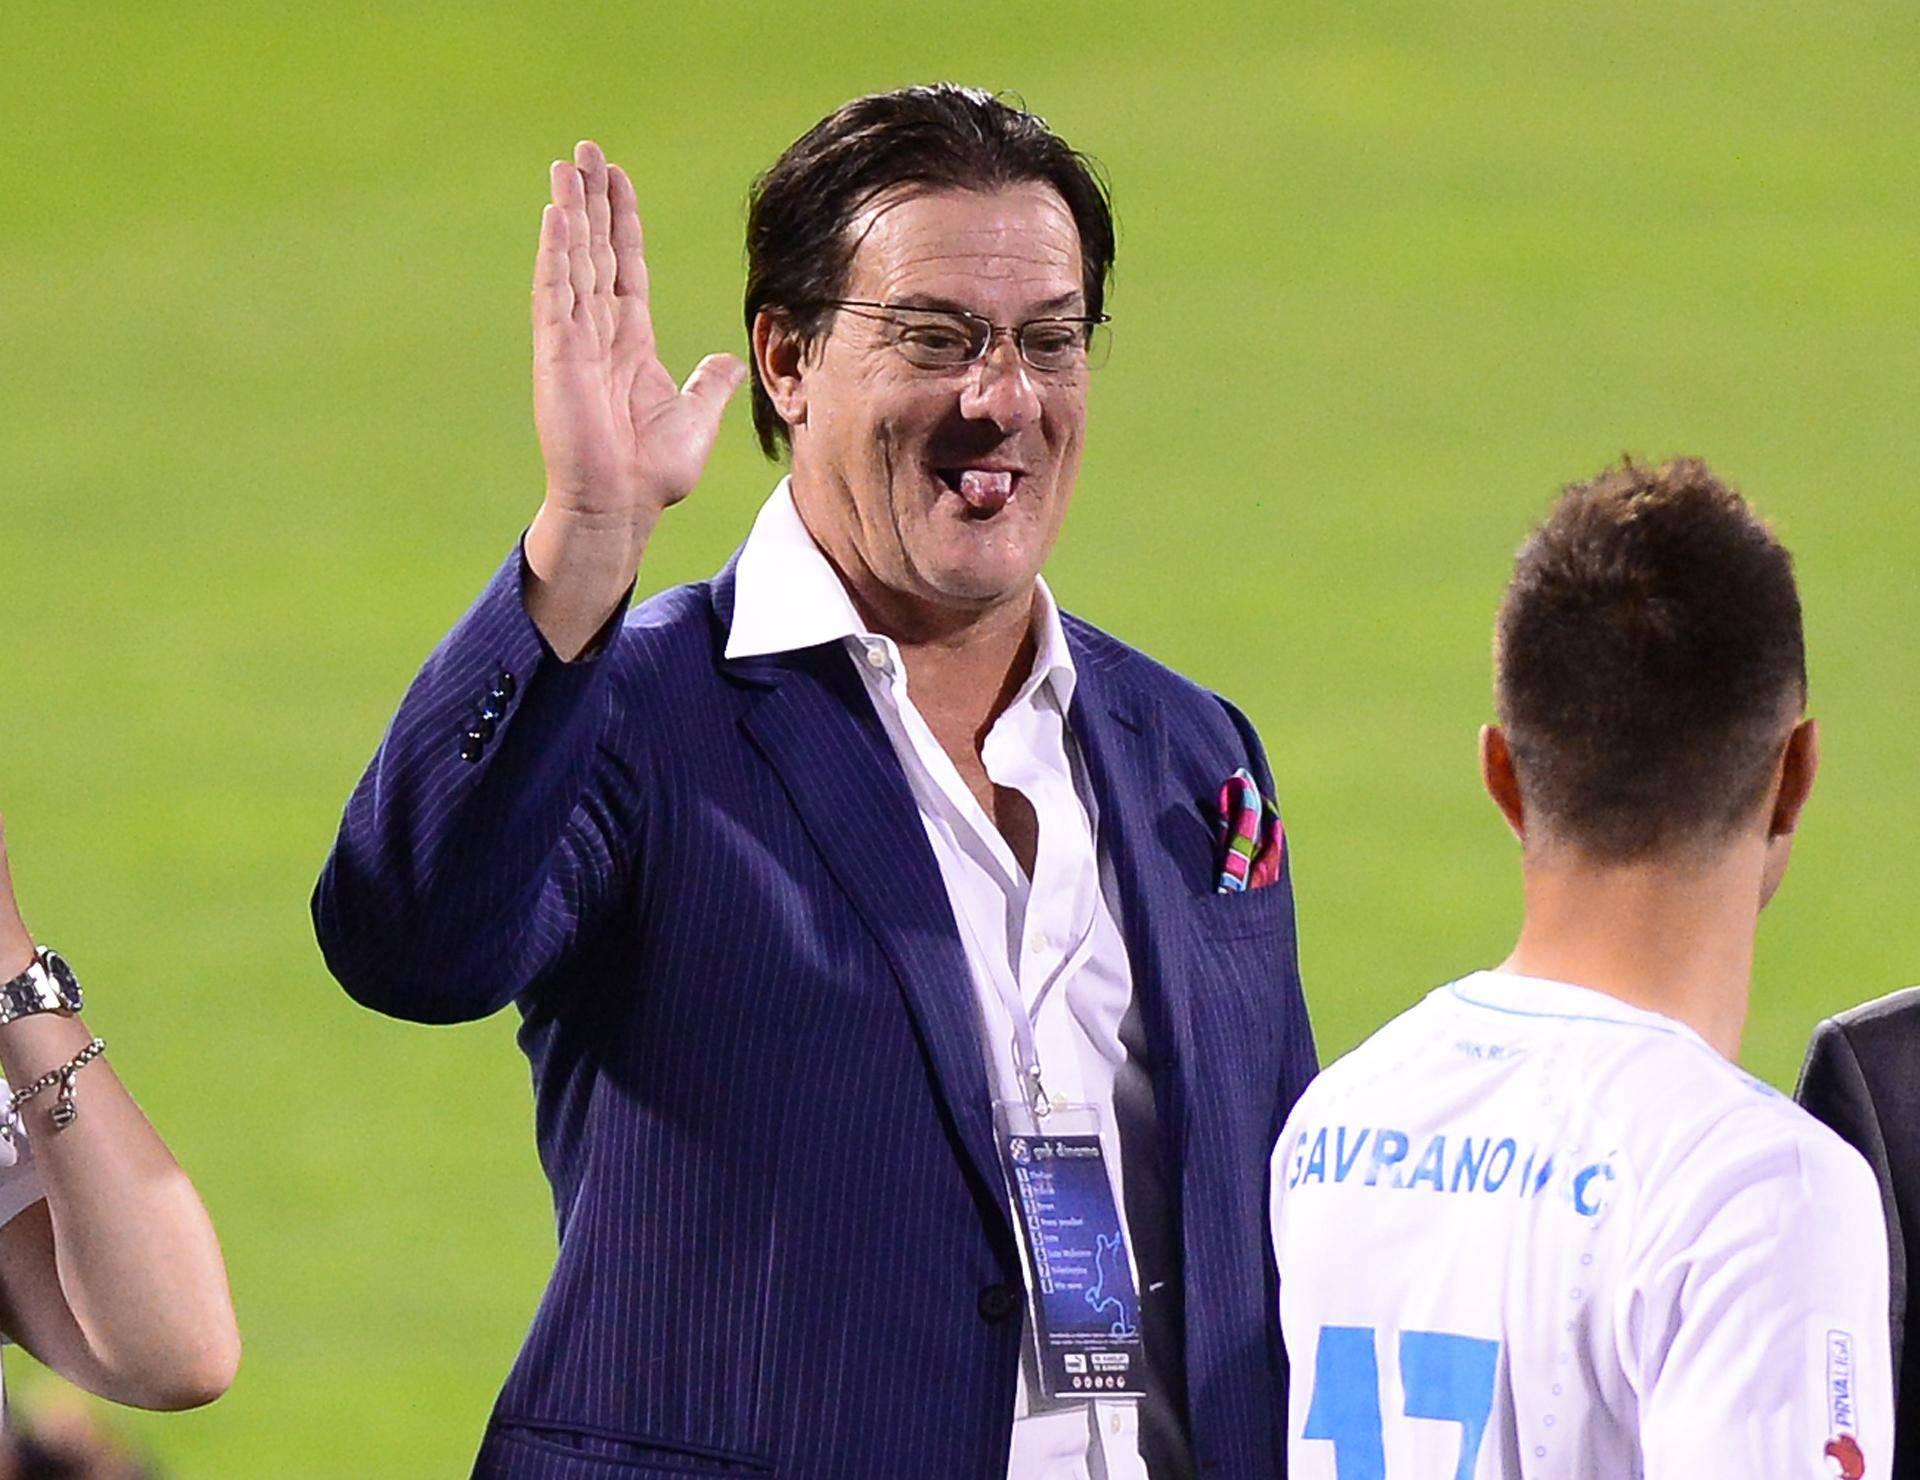 Torino preotima Gavranovića Dinamu?! Htjeli bi ga i Mađari